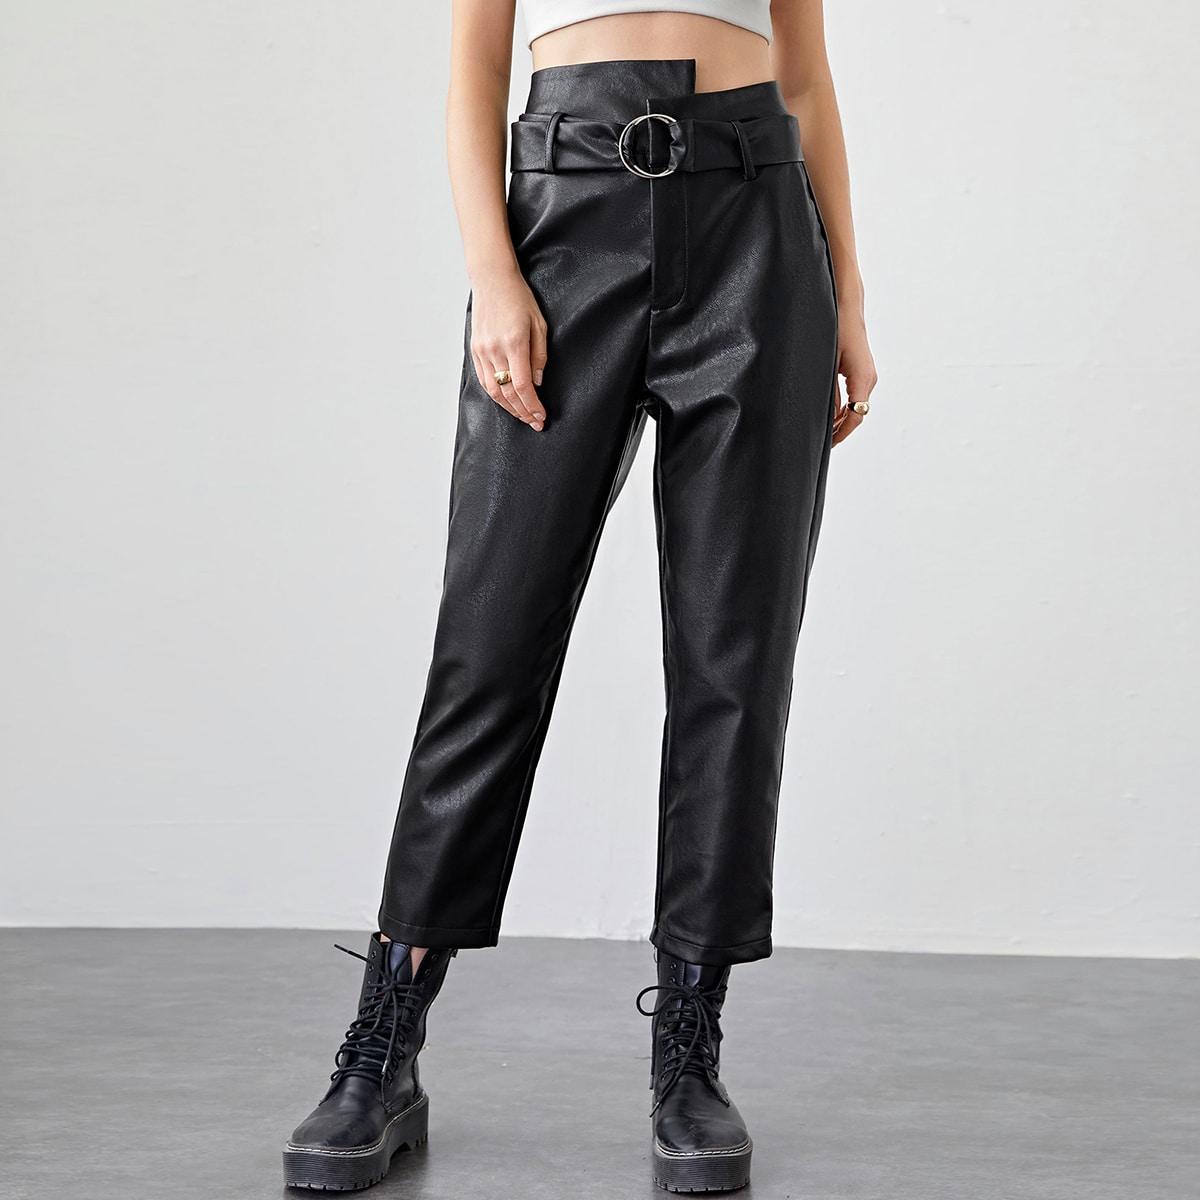 SHEIN / Pantalones cortos PU con cinturón con hebilla de cintura V